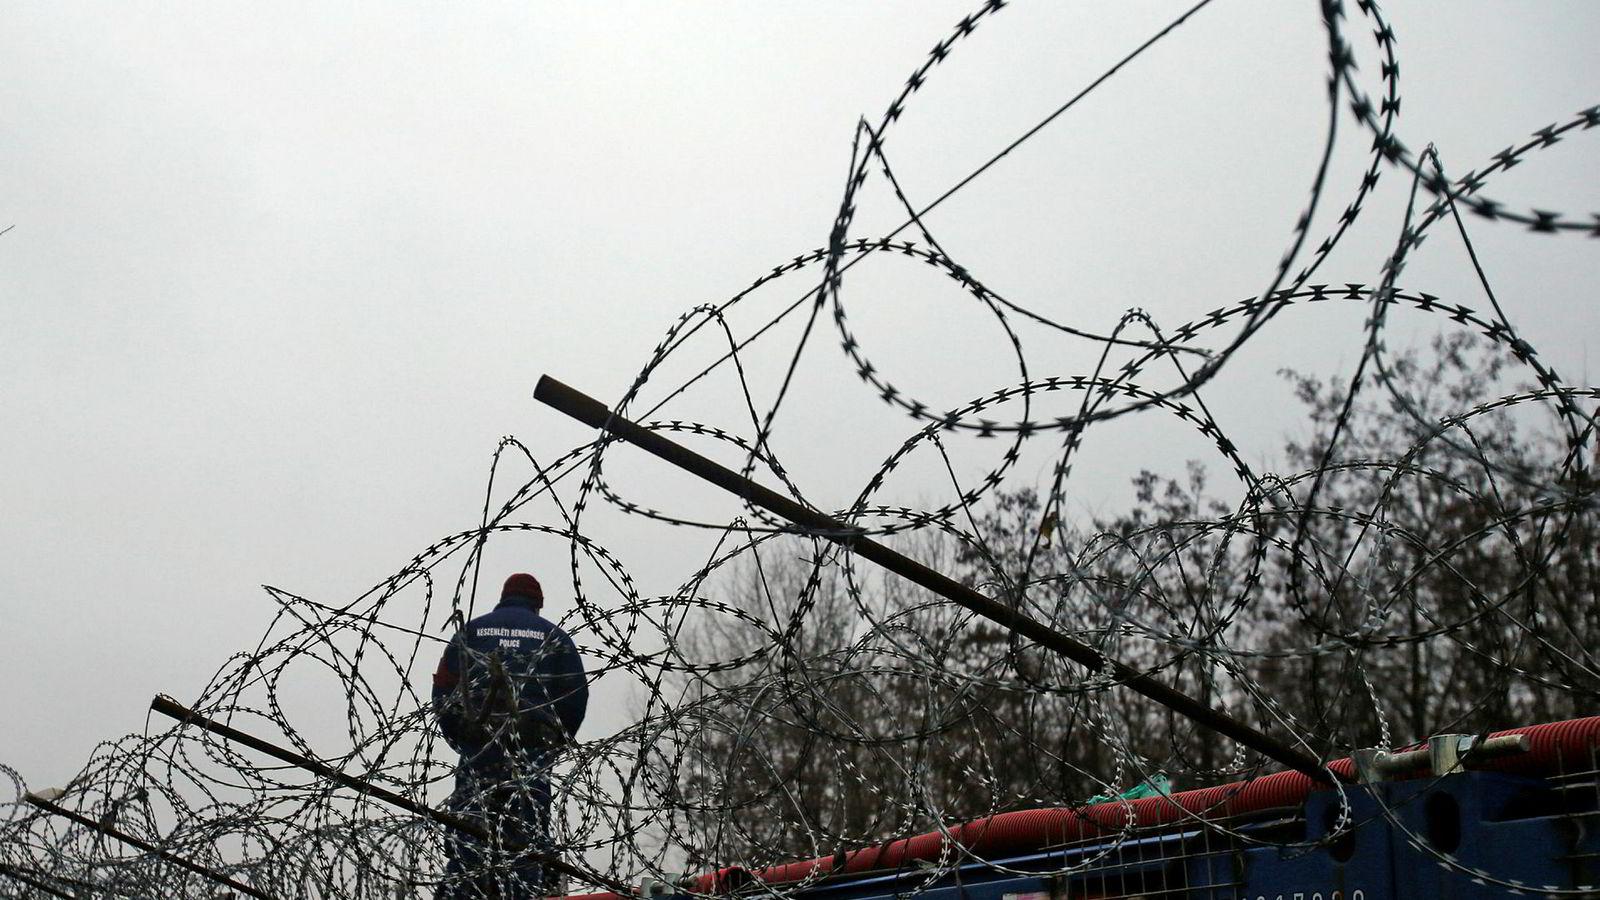 EUs budsjettkommissær Günther Oettinger la onsdag frem kommisjonens forslag til langtidsbudsjett for unionen for årene 2021-27, totalt 1279 milliarder euro over en syvårsperiode. Ifølge forslaget risikerer land som tar lett på EUs verdier og rettsstatsprinsipper kutt – i praksis en trussel mot Ungarn og Polen. EUs grensevakt er en av vinnerne med sterk økning i bemanning og bevilgninger.